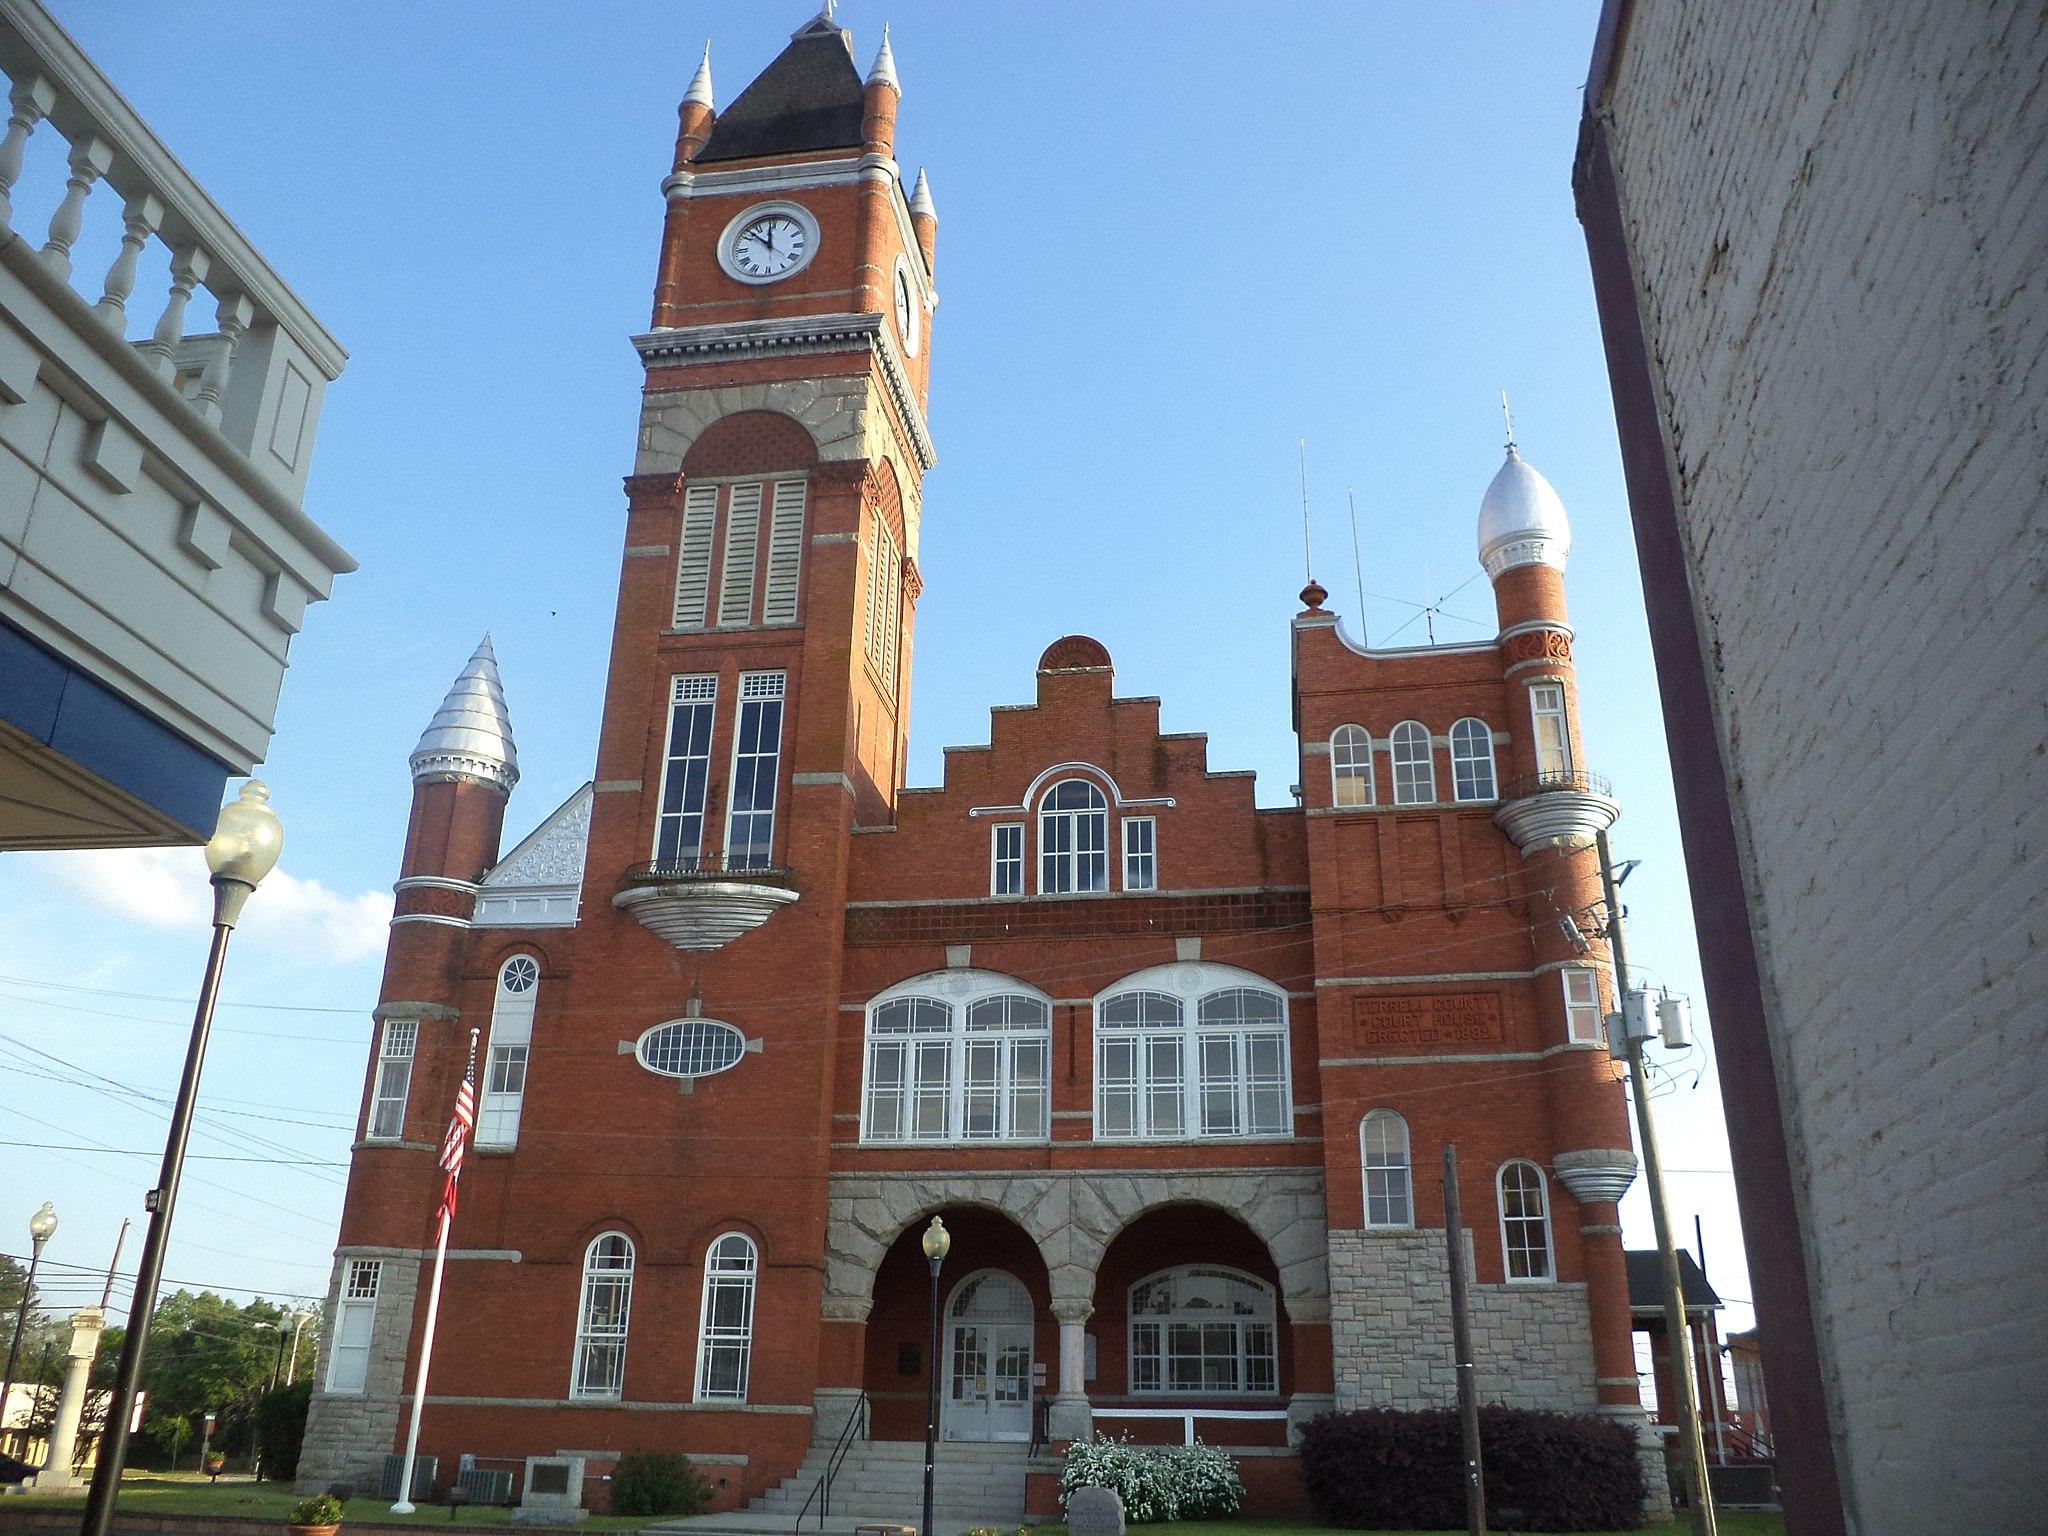 Terrell County Courthouse, Georgia